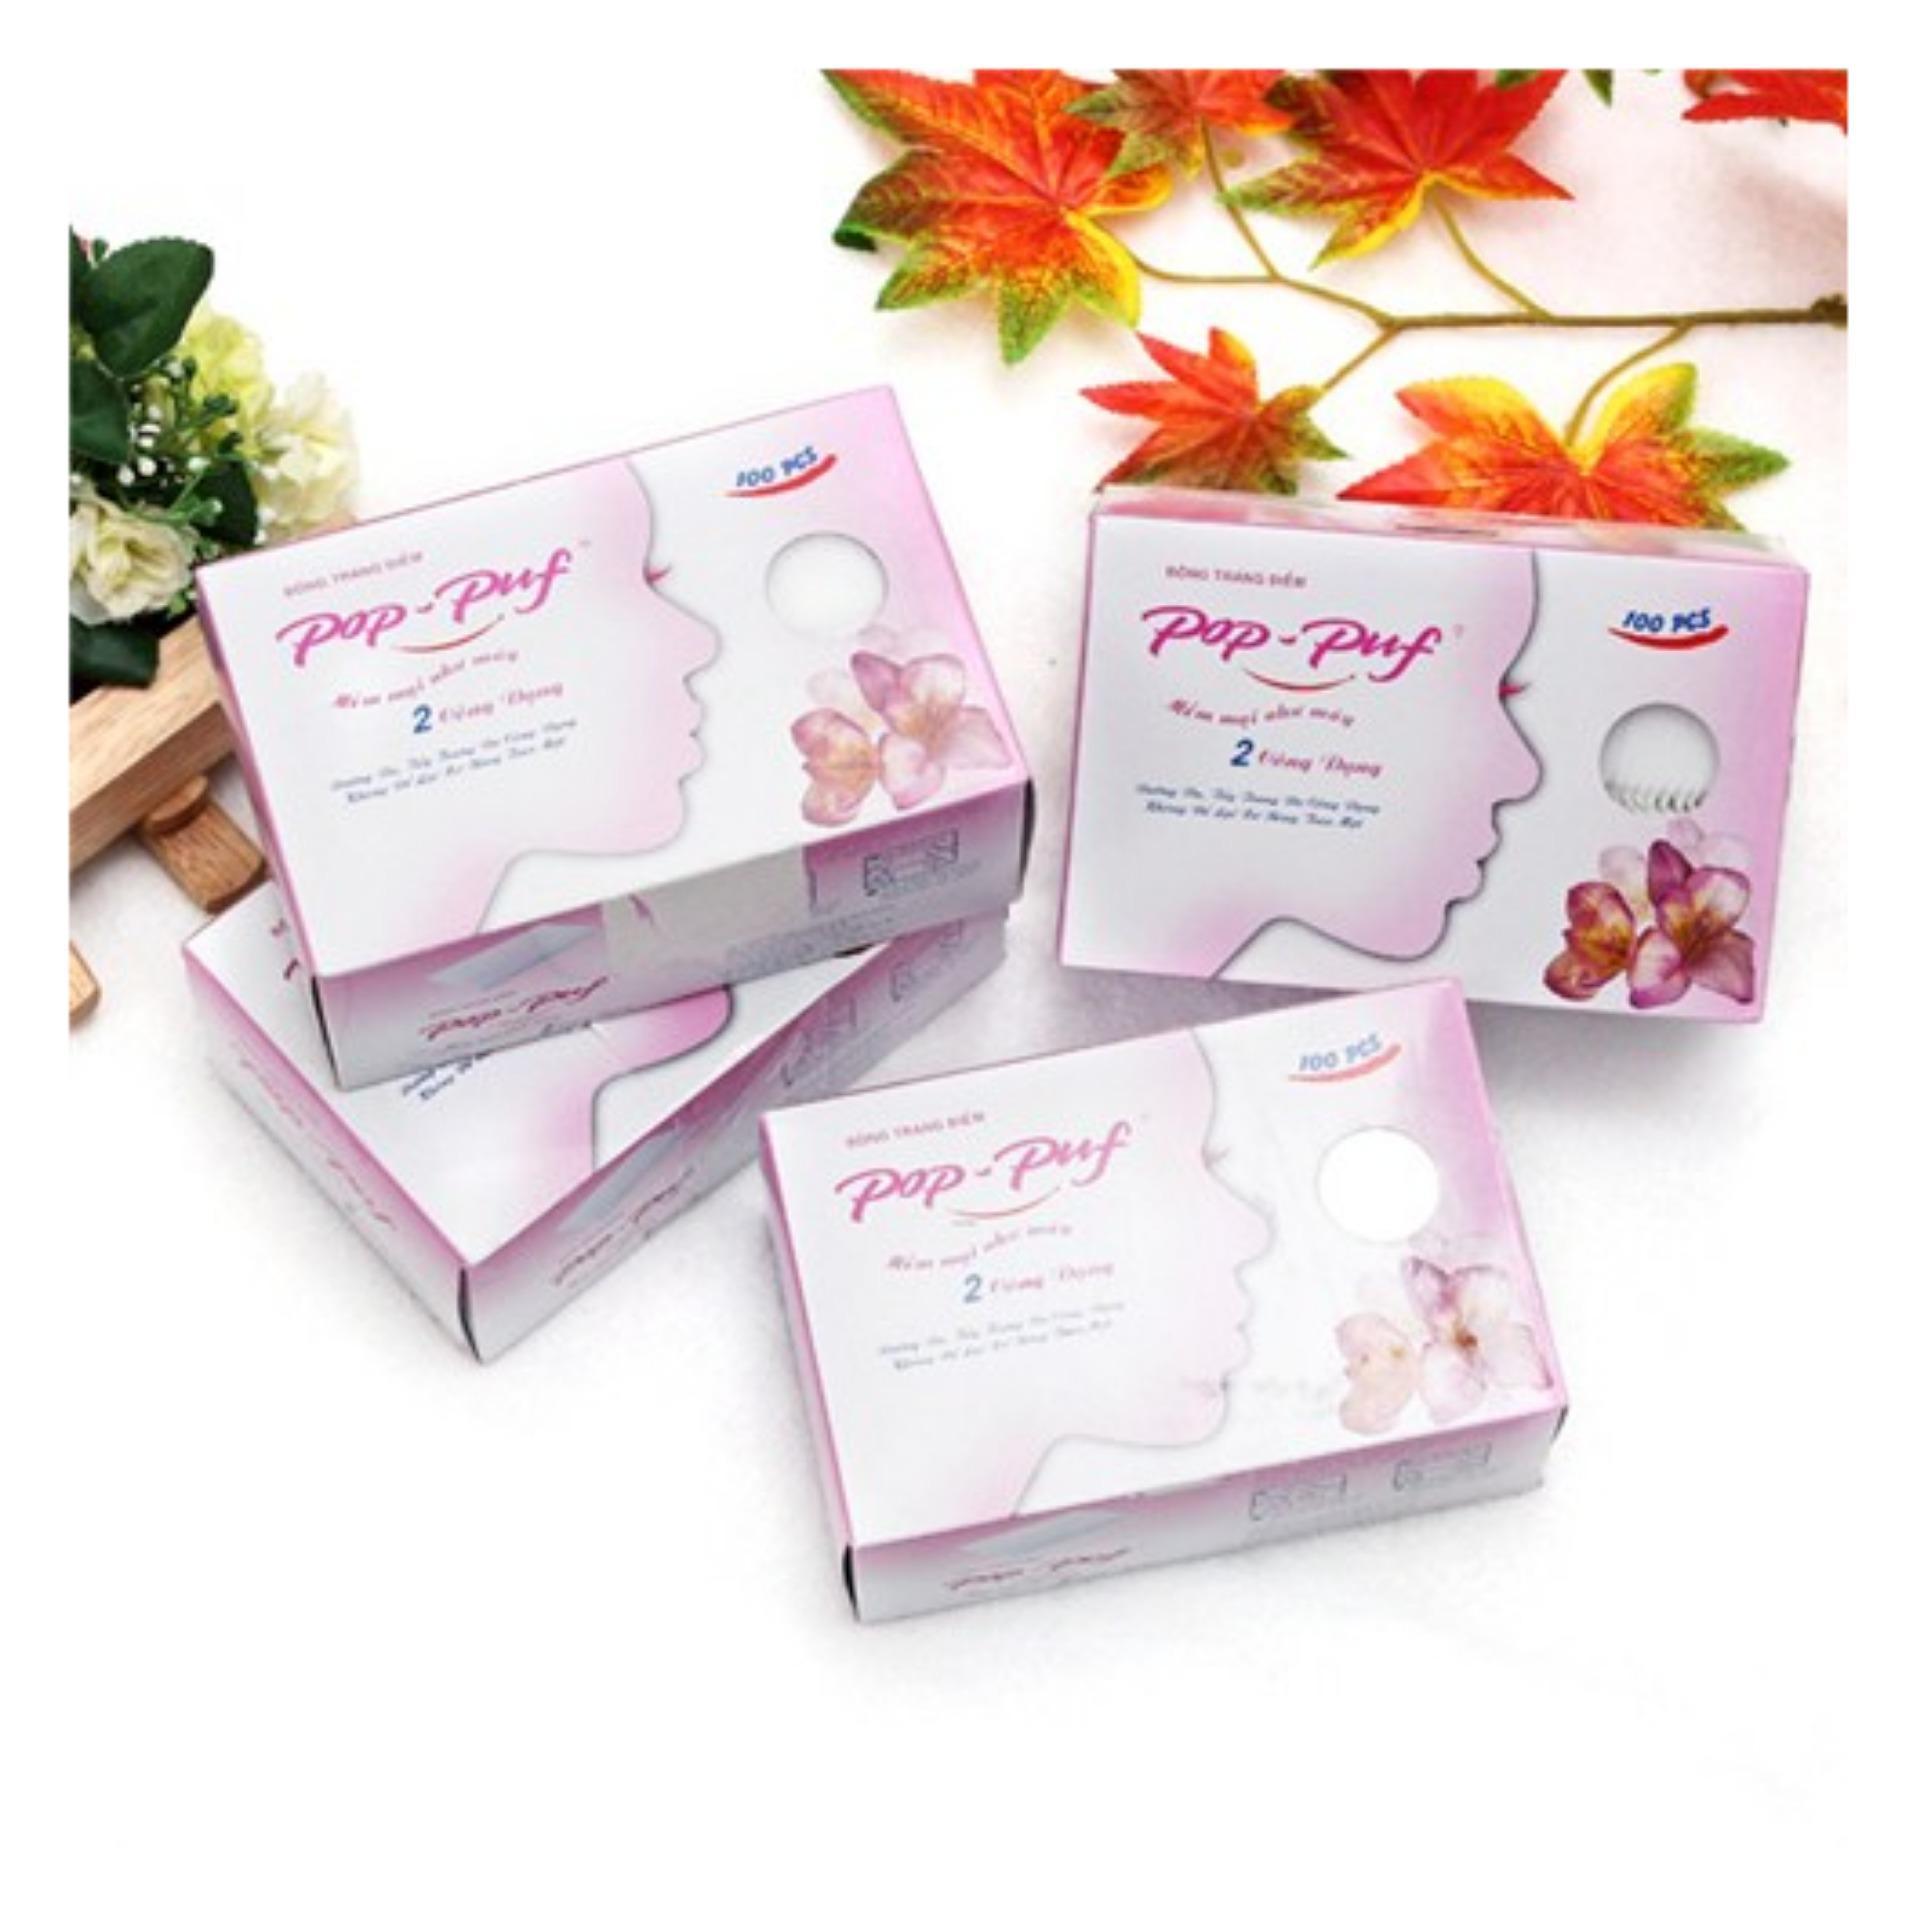 1 hộp Bông tẩy trang Pop-Puf 2 Công Dụng ( Trang điểm + tẩy trang) 100 Miếng / hộp